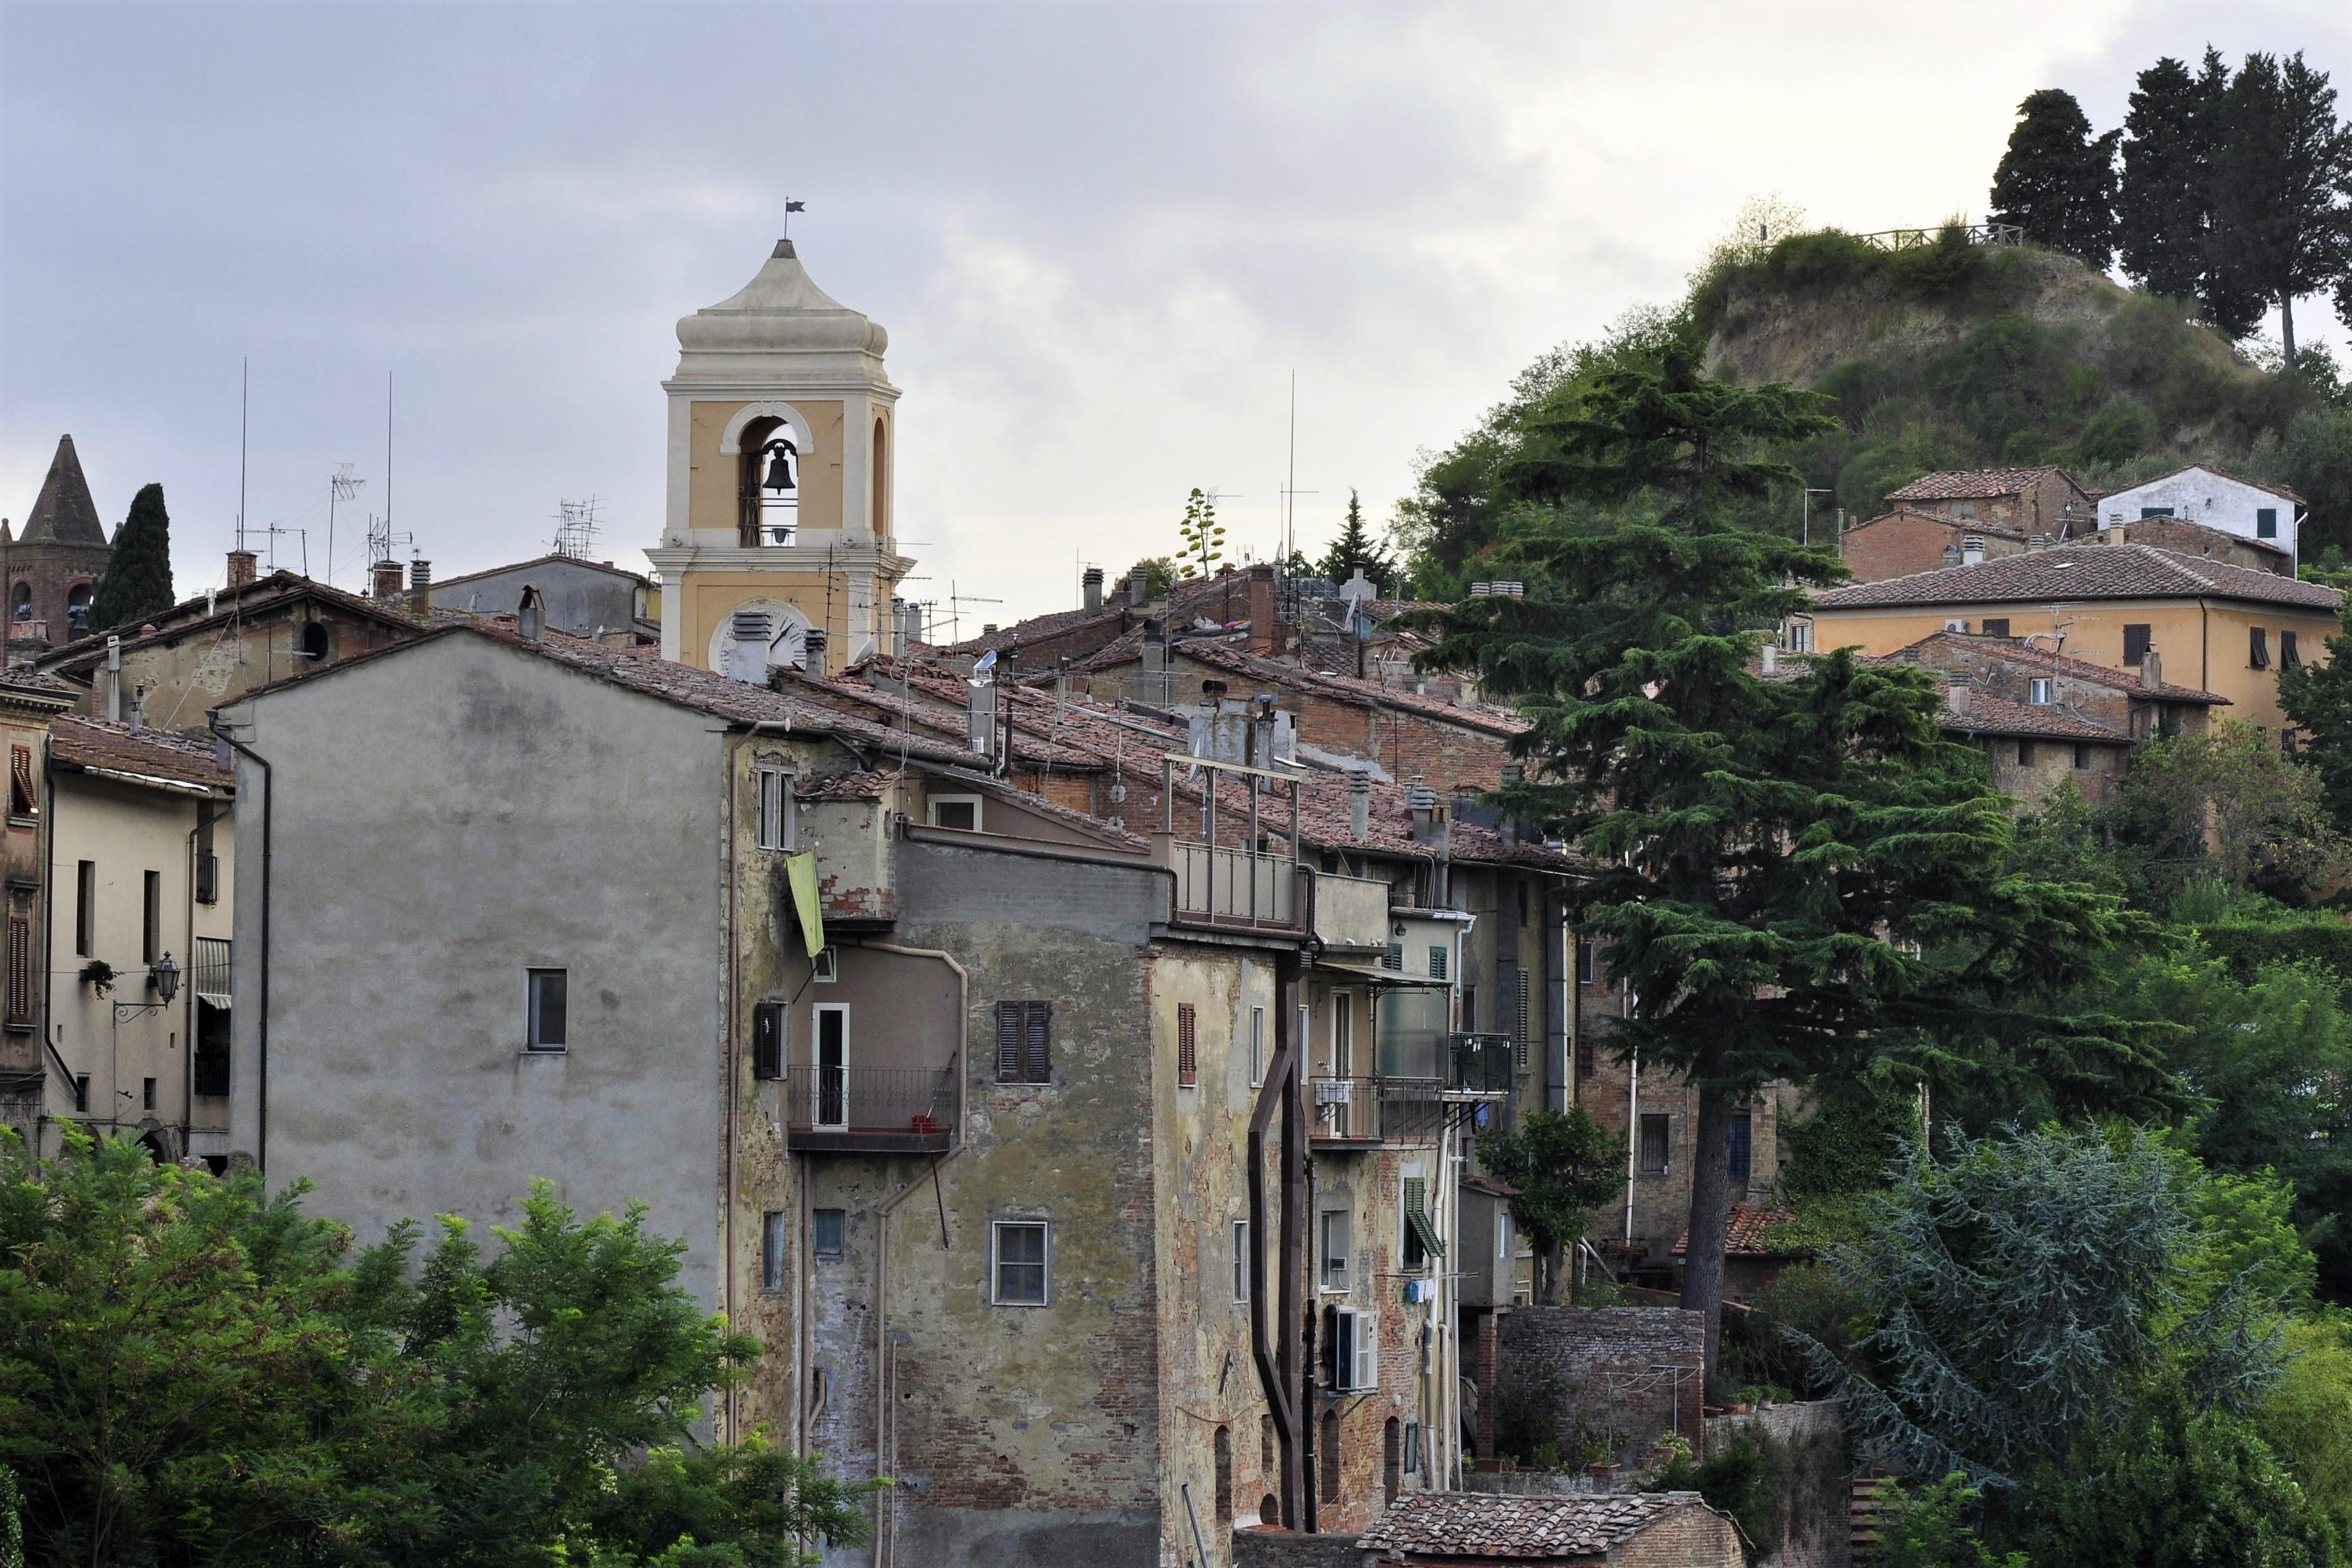 Palaia, Tuscany, Italy